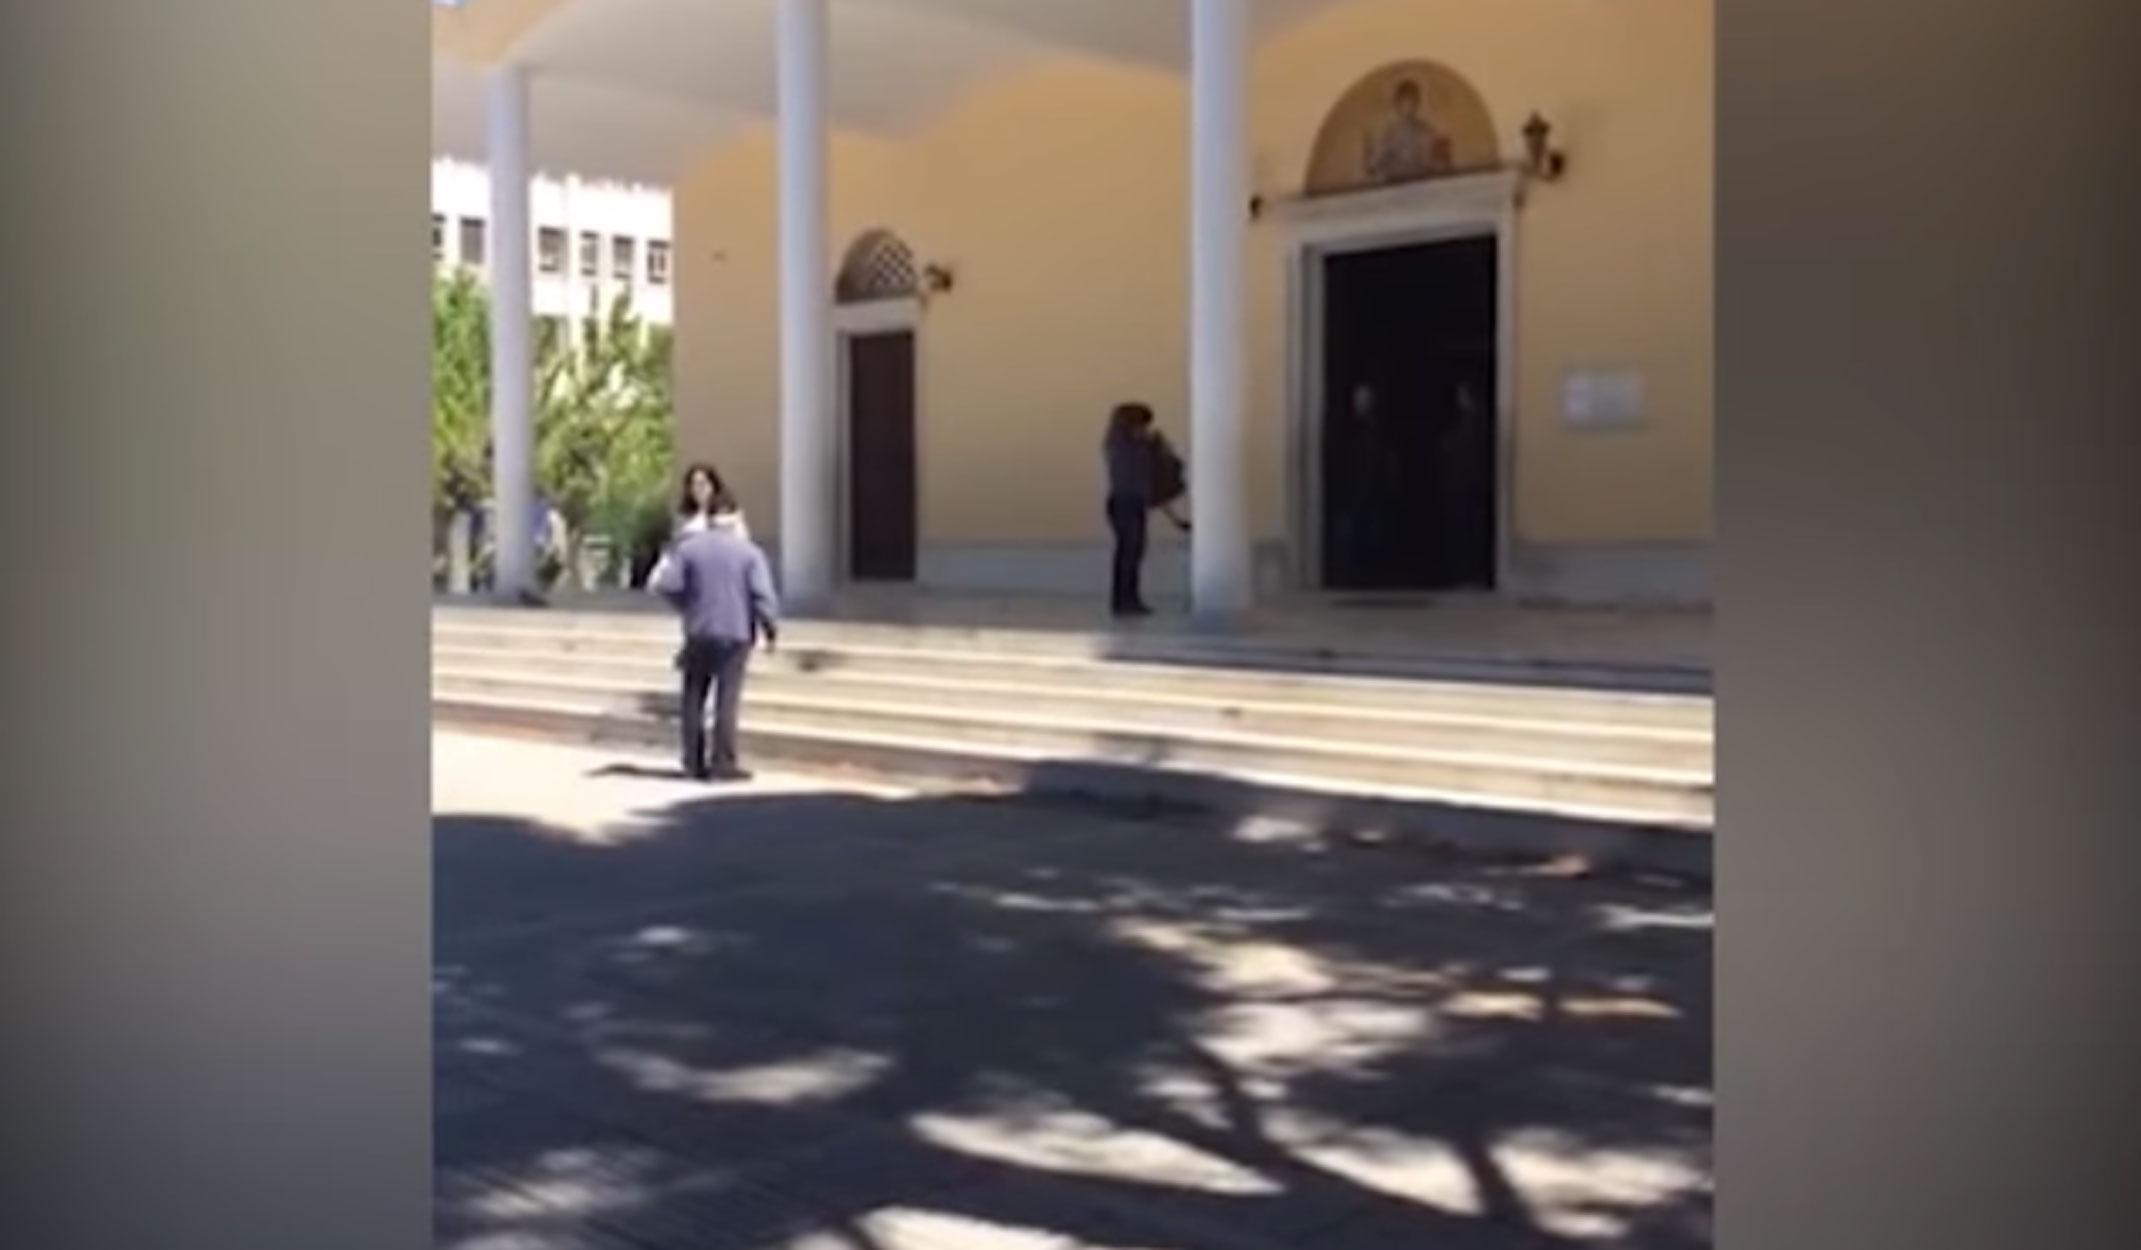 Αμετανόητοι: Άνοιξαν εκκλησία στους Αμπελοκήπους για να προσκυνήσει ο κόσμος τον Επιτάφιο! (βίντεο)